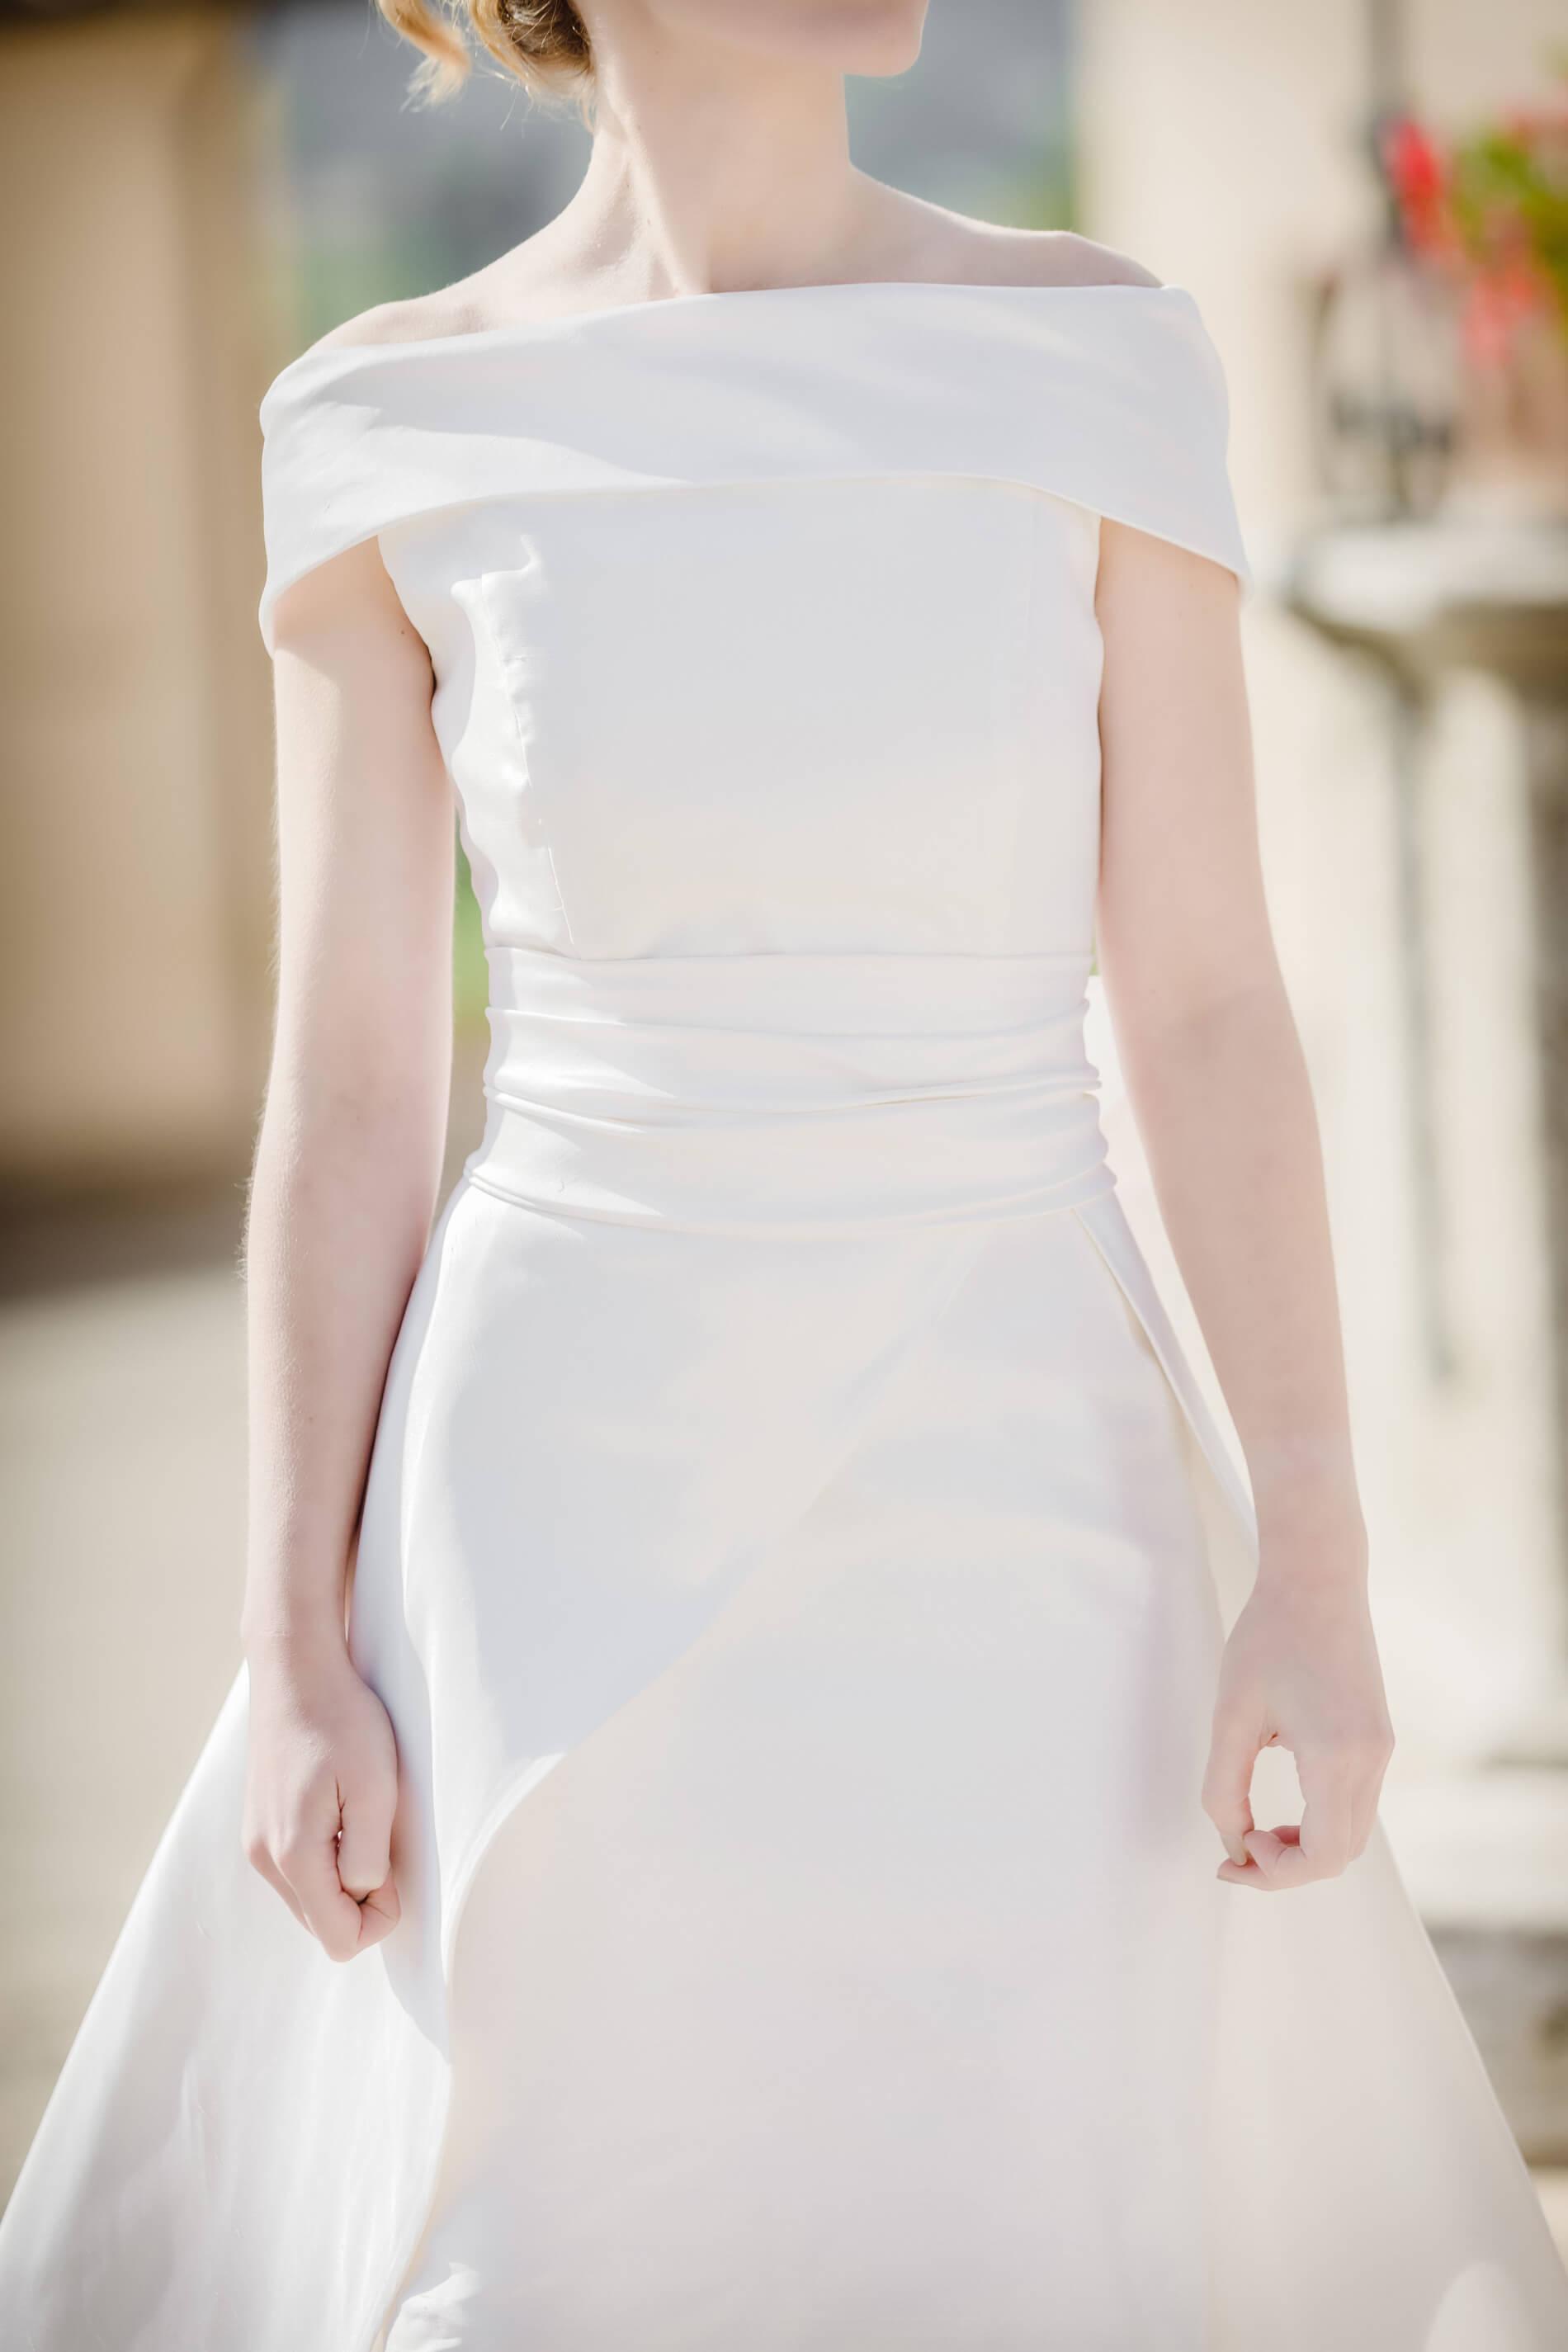 Matilde 4 - Zea Couture - Abiti da Sposa